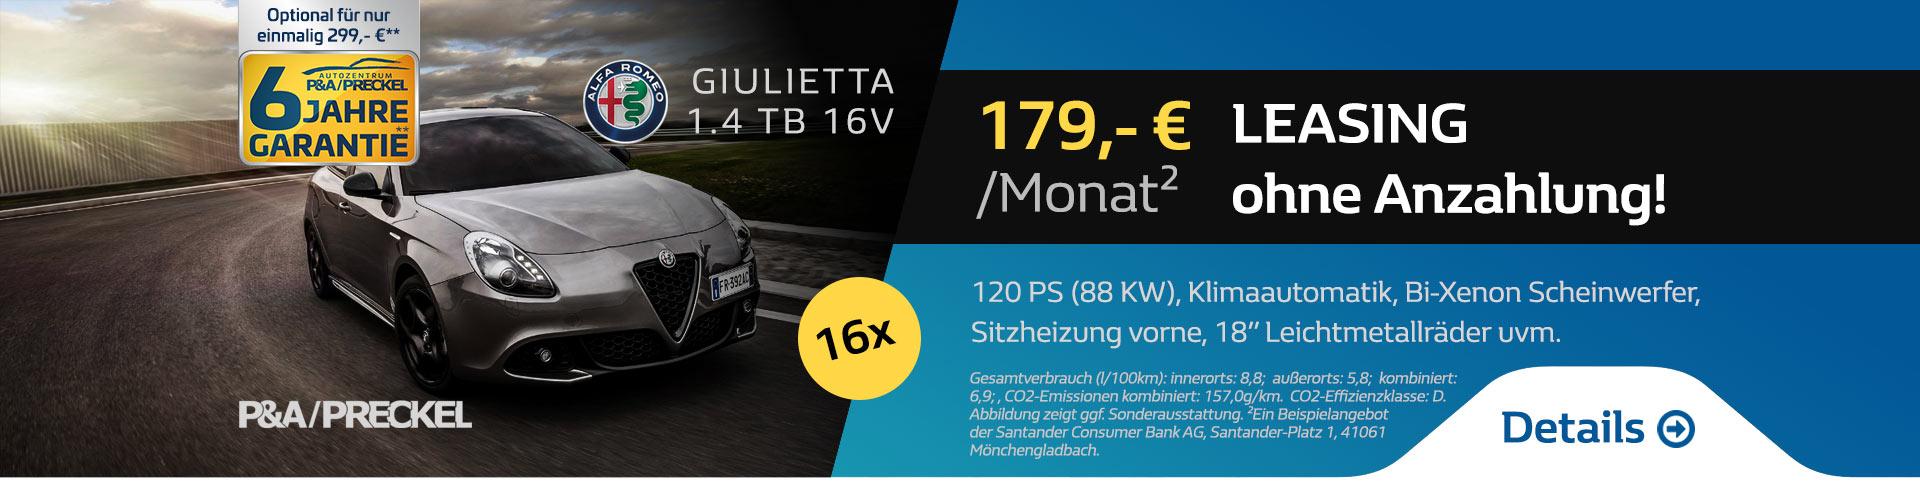 Giulietta Leasing 179 Euro ohne Anzahlung